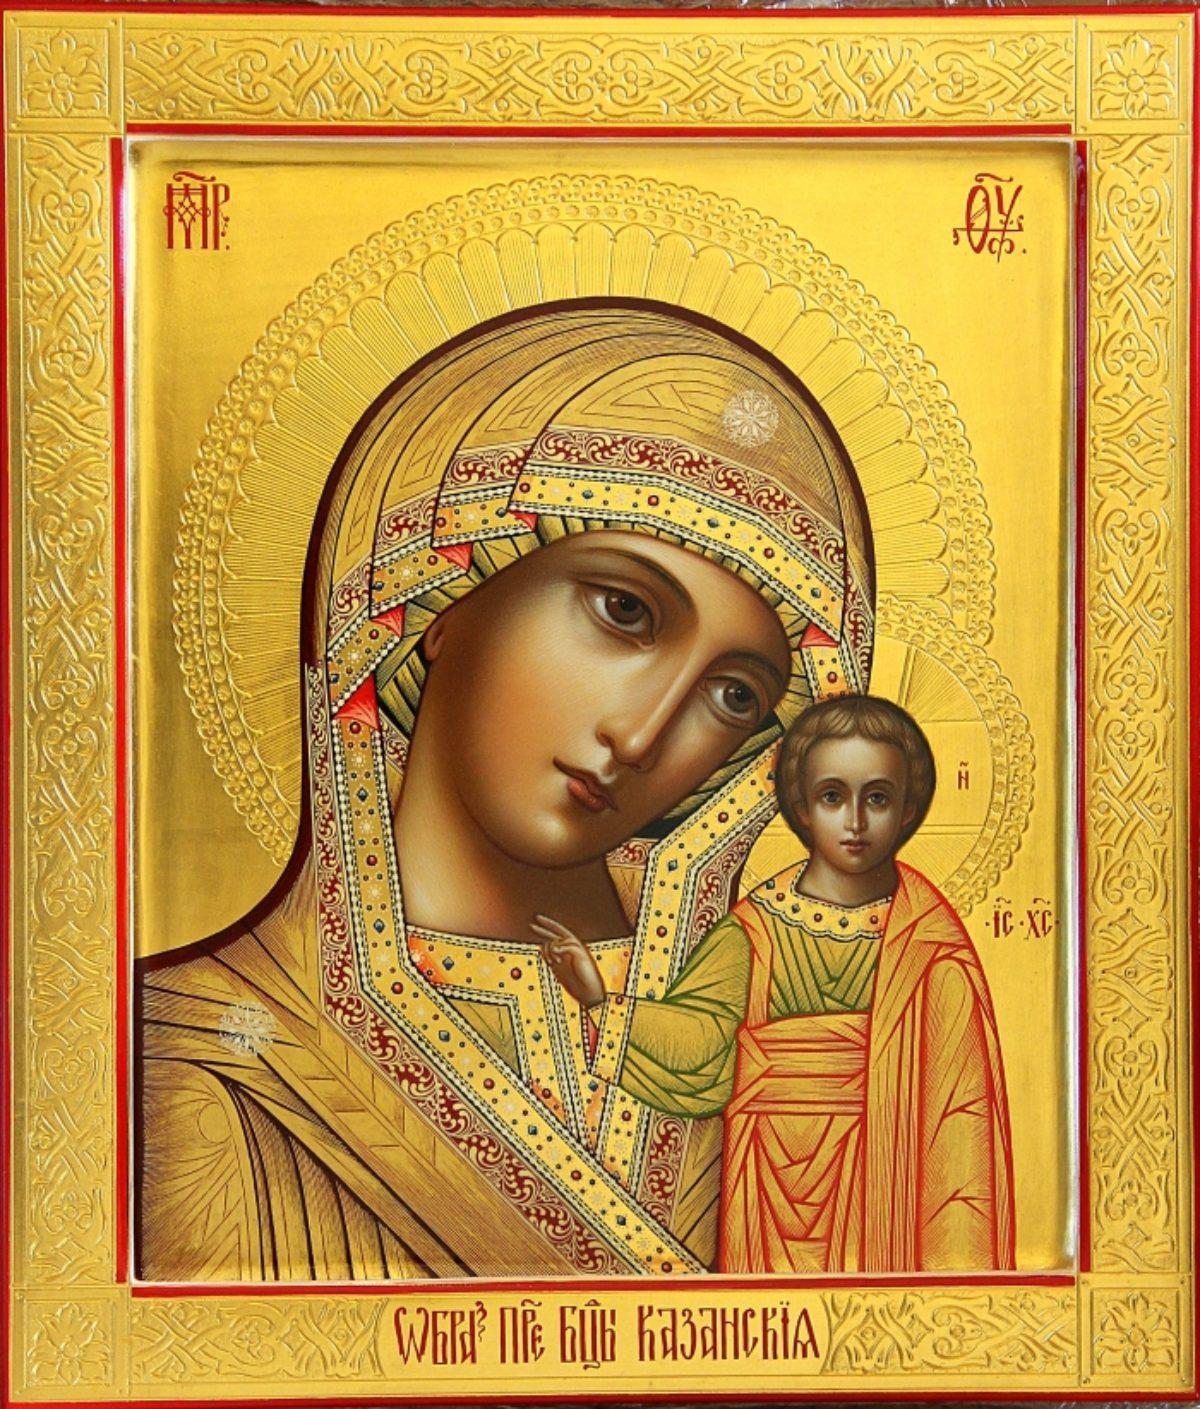 Обретение Казанской иконы Божией Матери